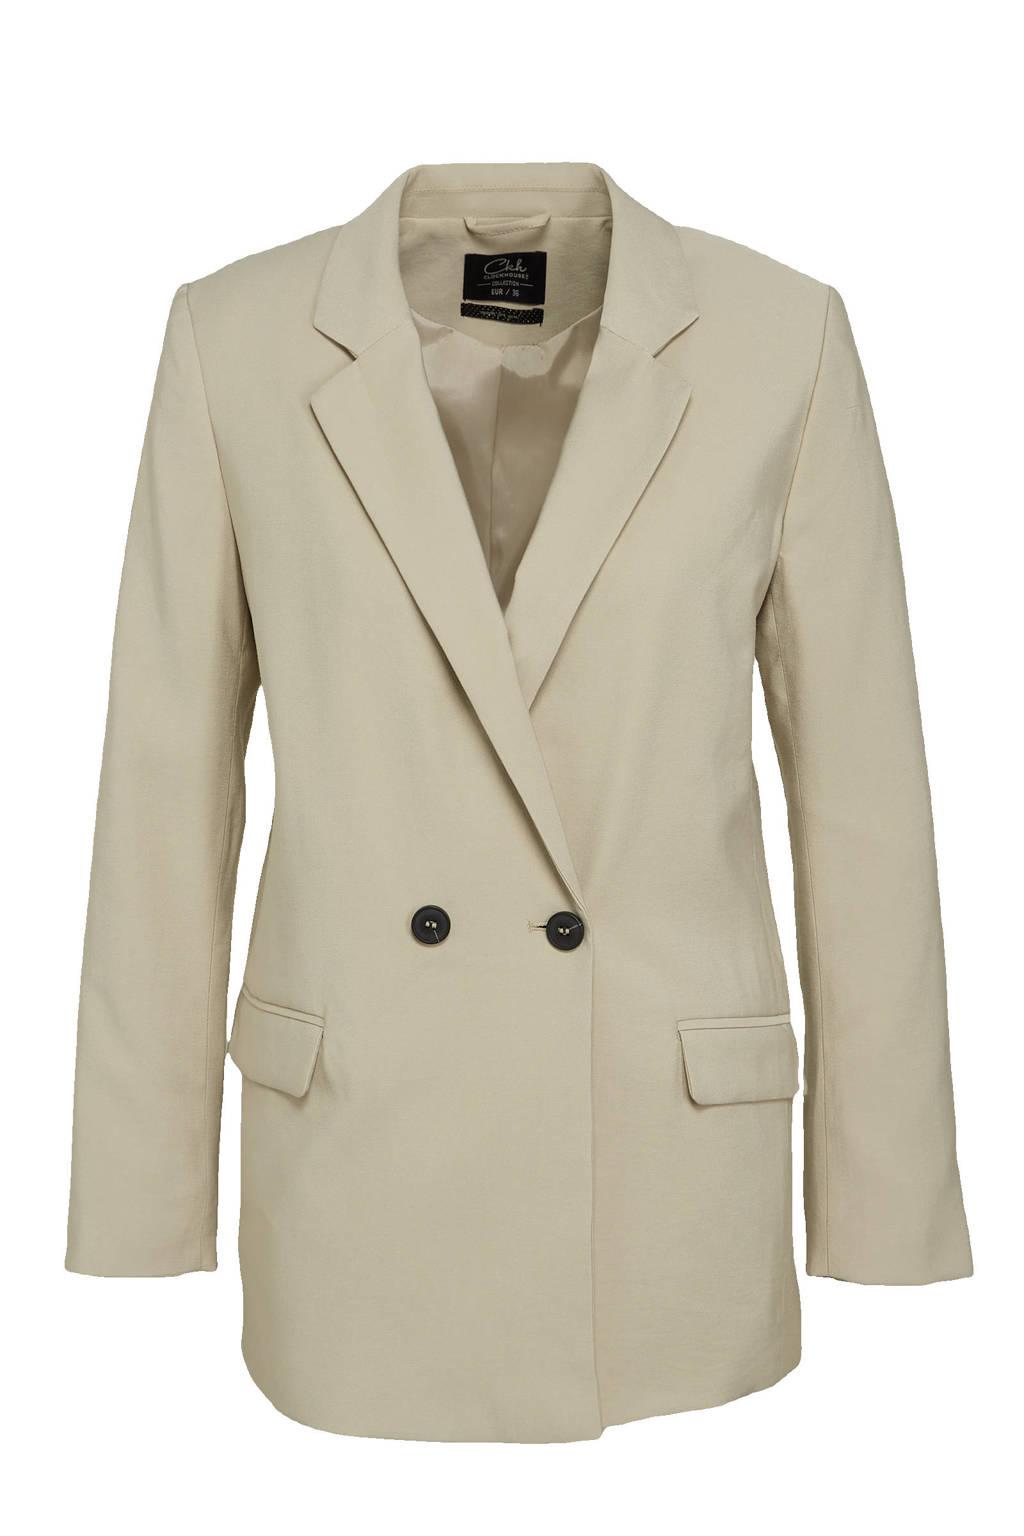 C&A Clockhouse blazer beige, Beige